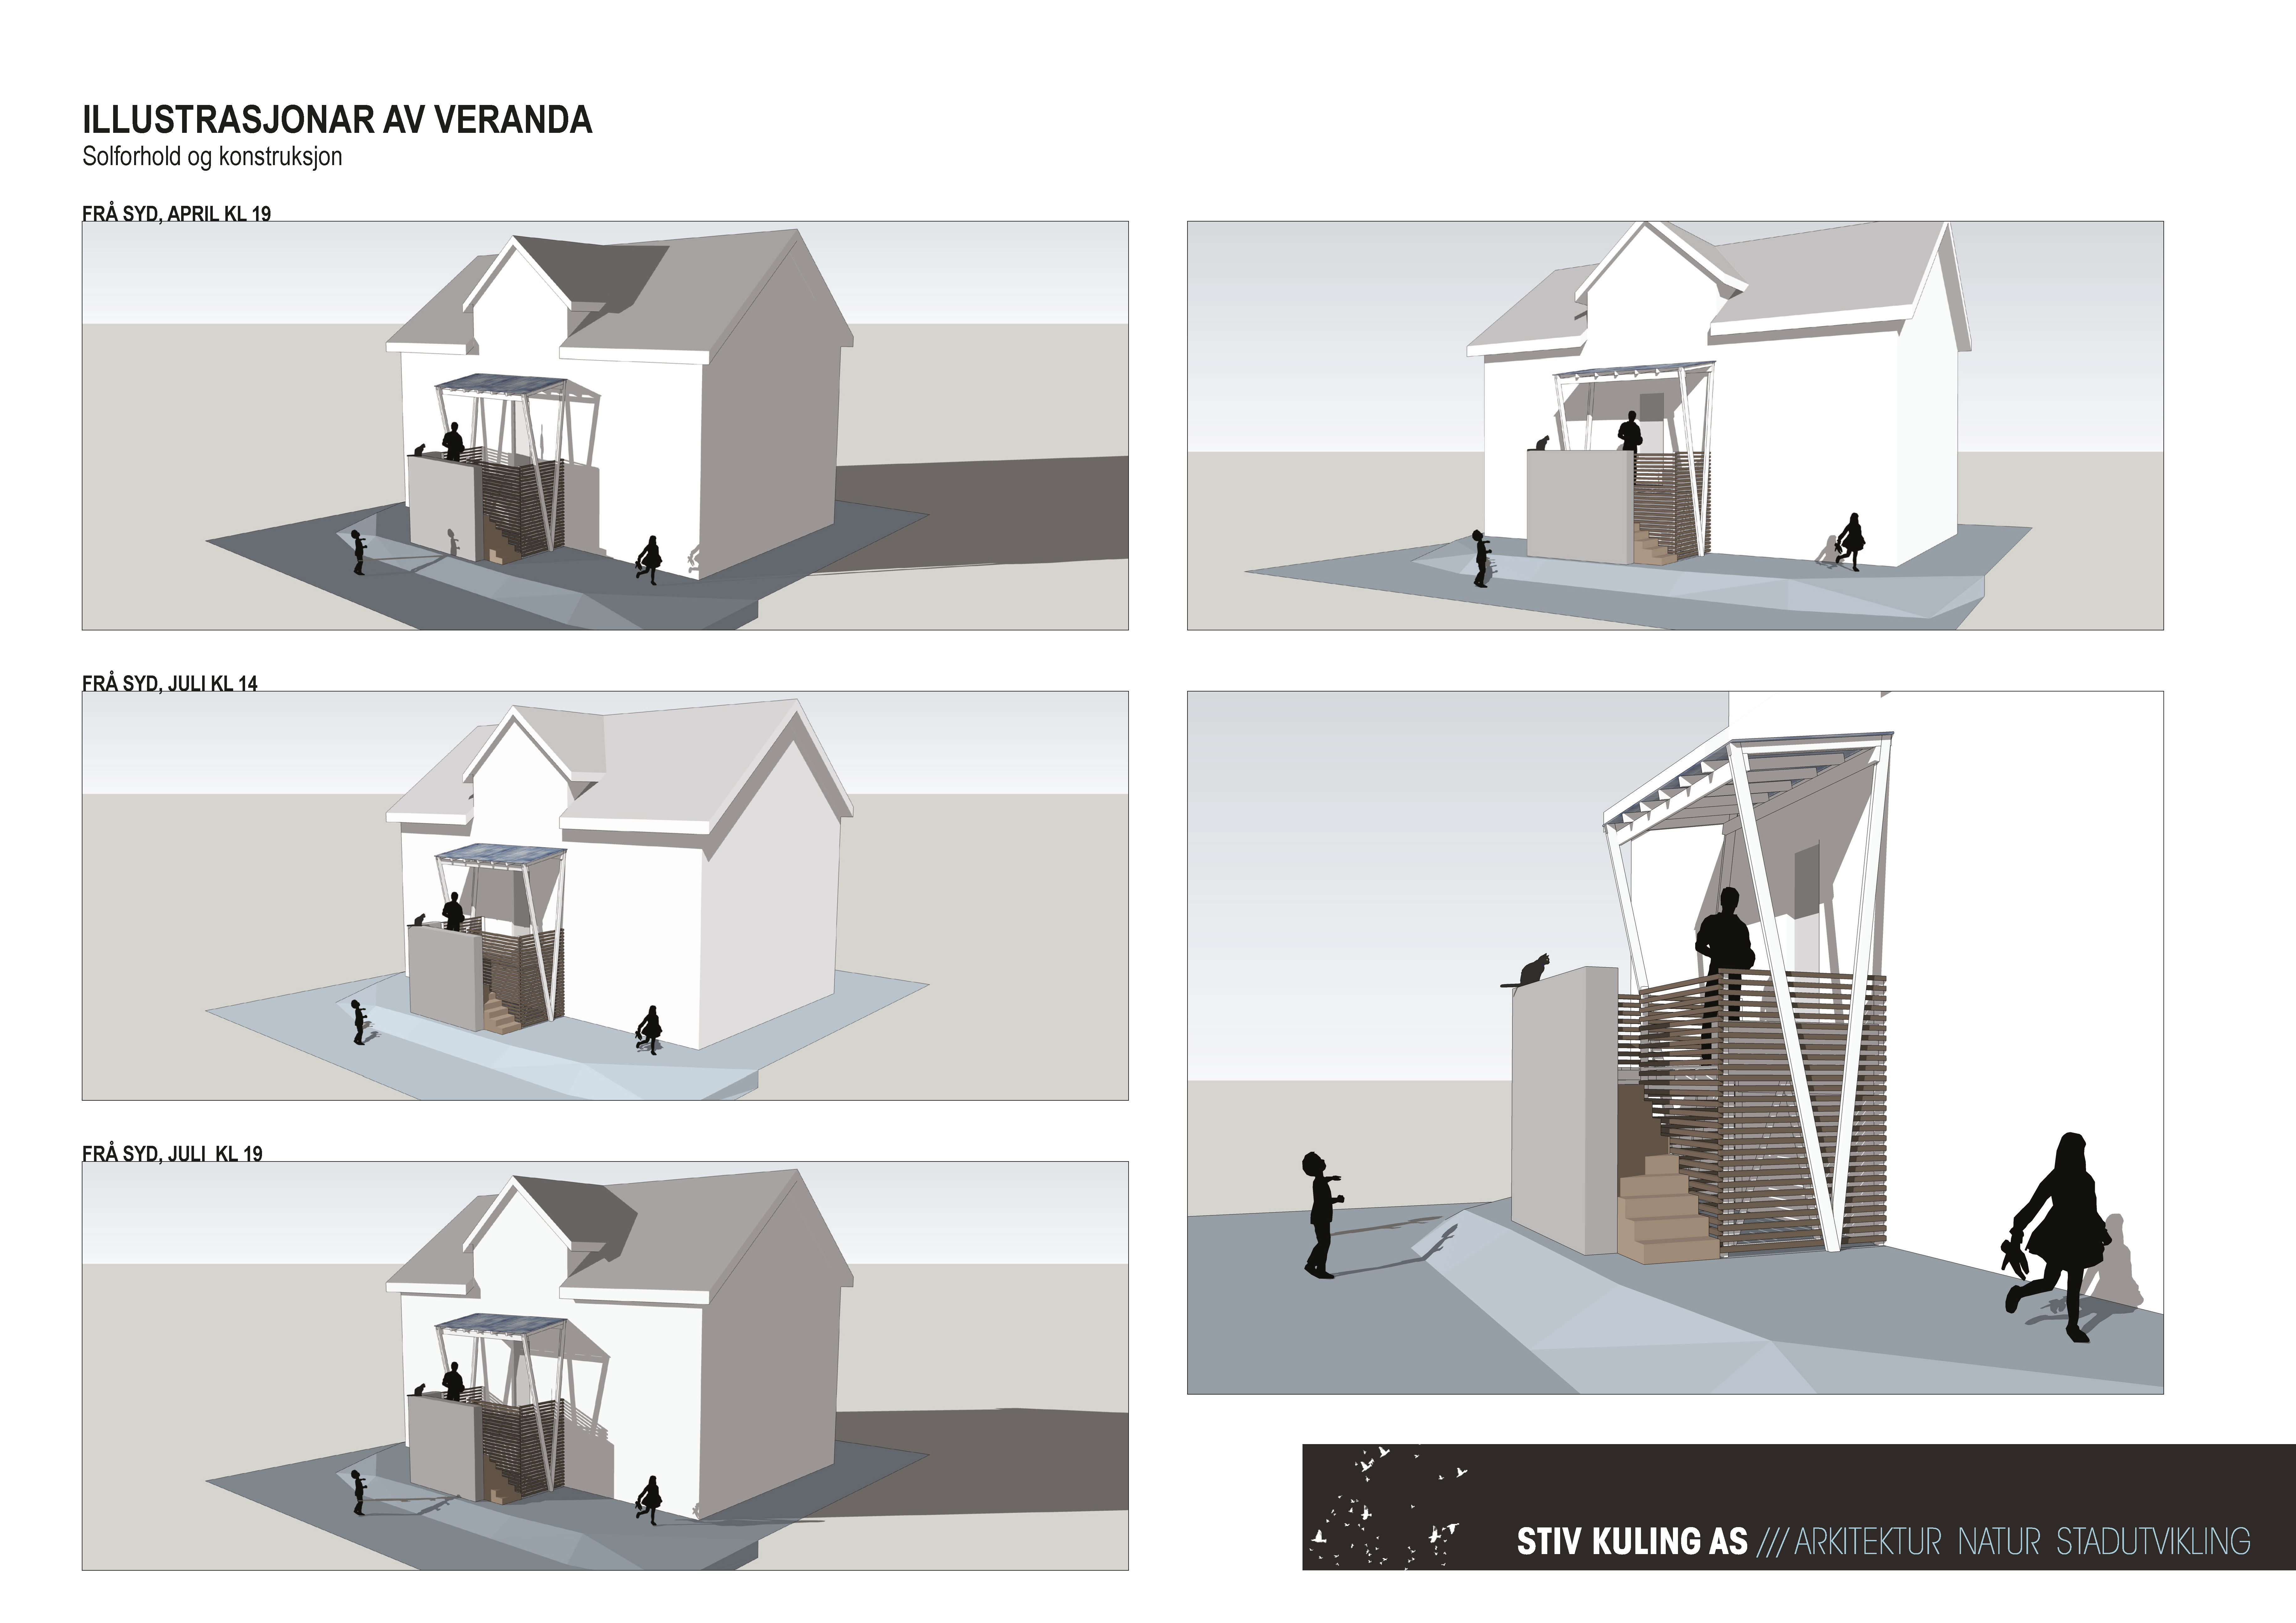 3D-illustrasjoner av ny veranda